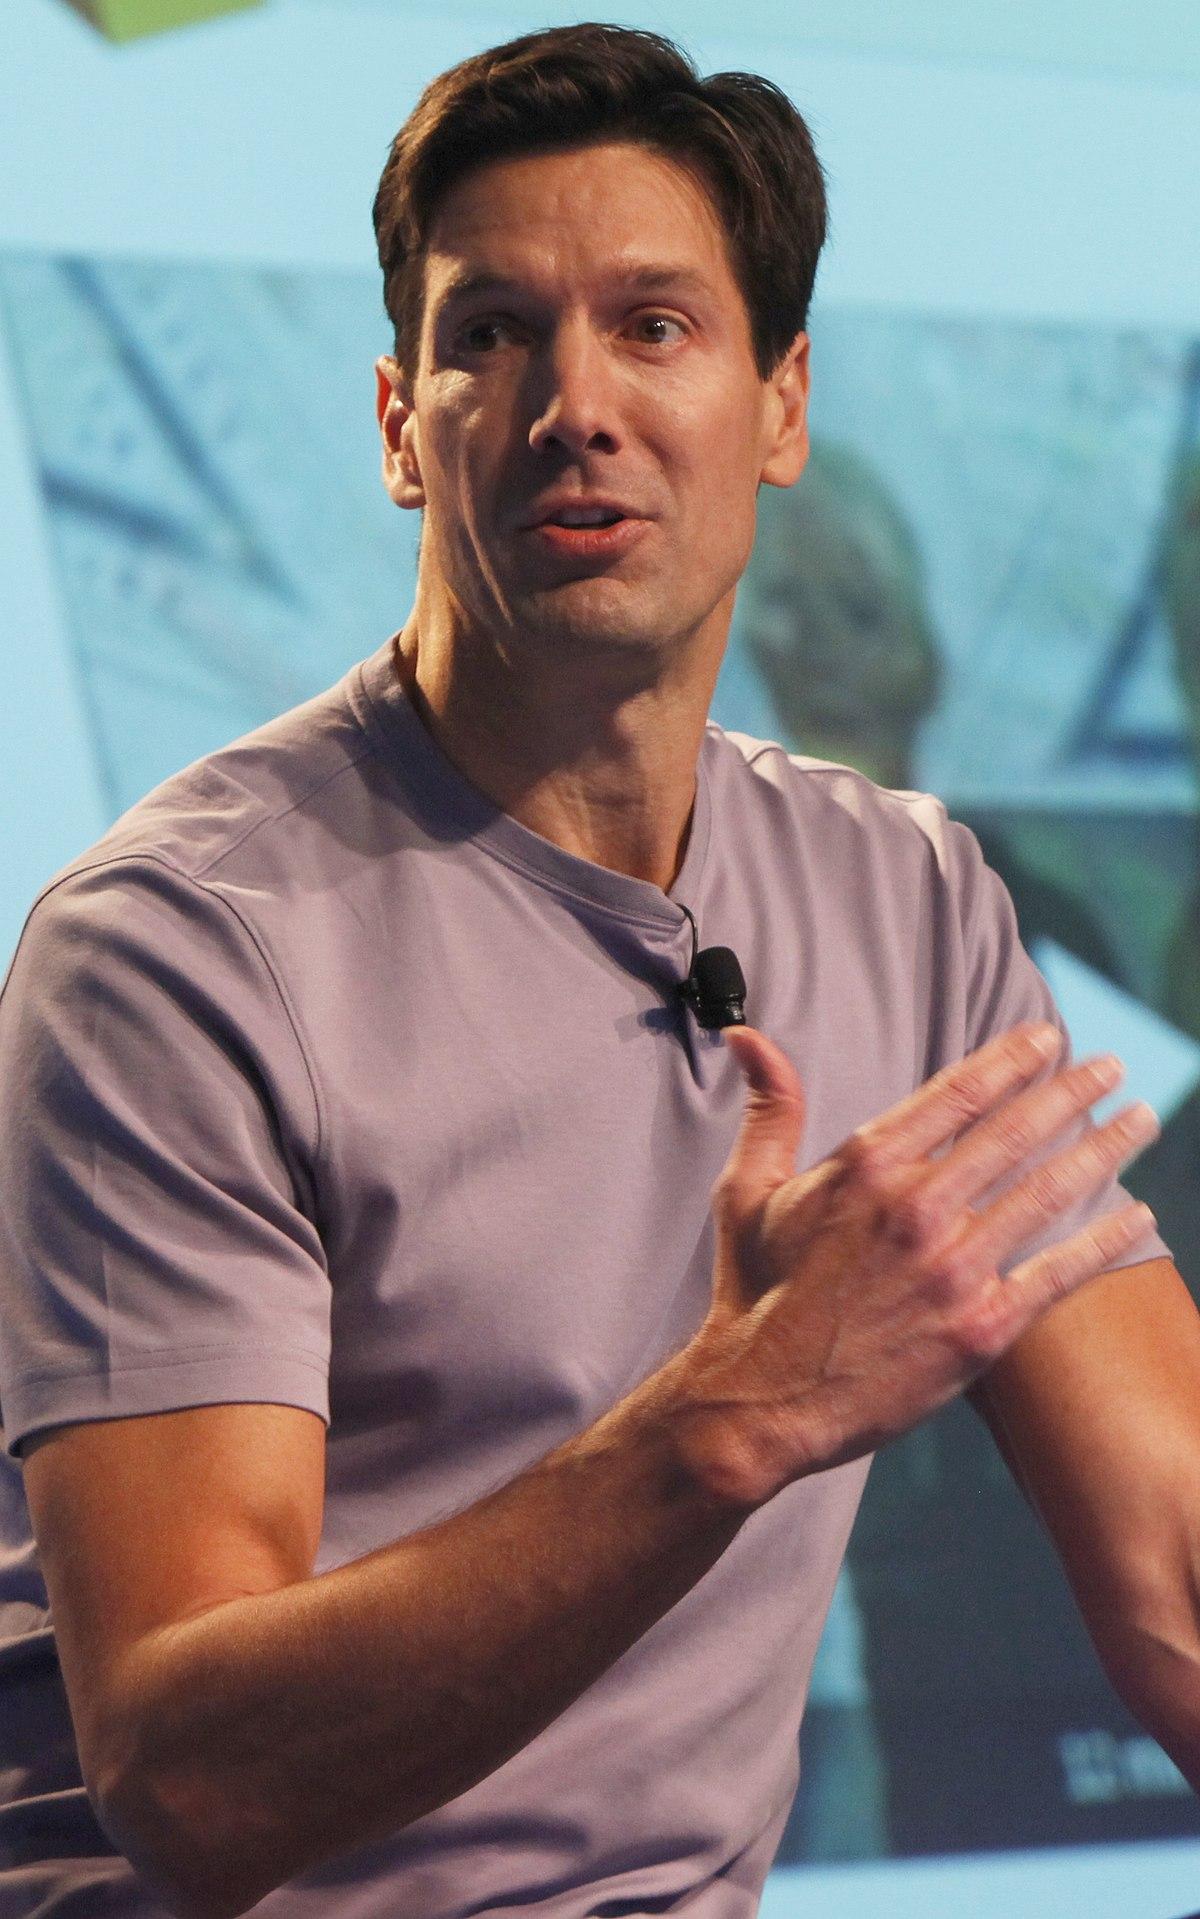 Mark Russinovich Wikipedia